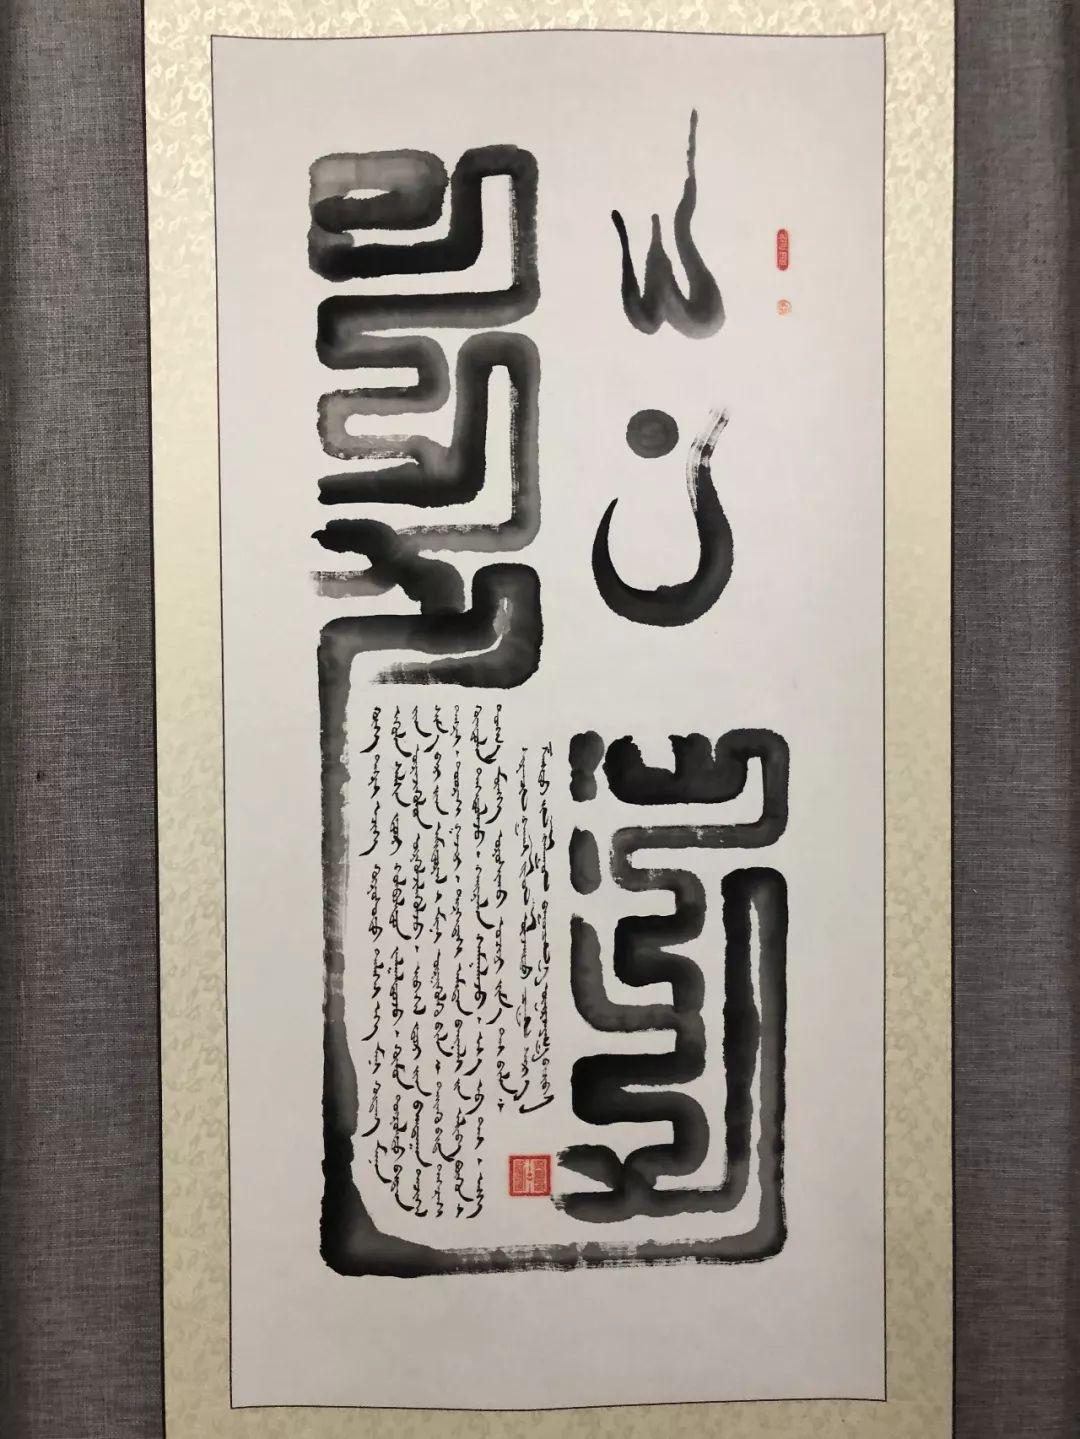 吉祥的哈达蒙古文书法系列活动 第19张